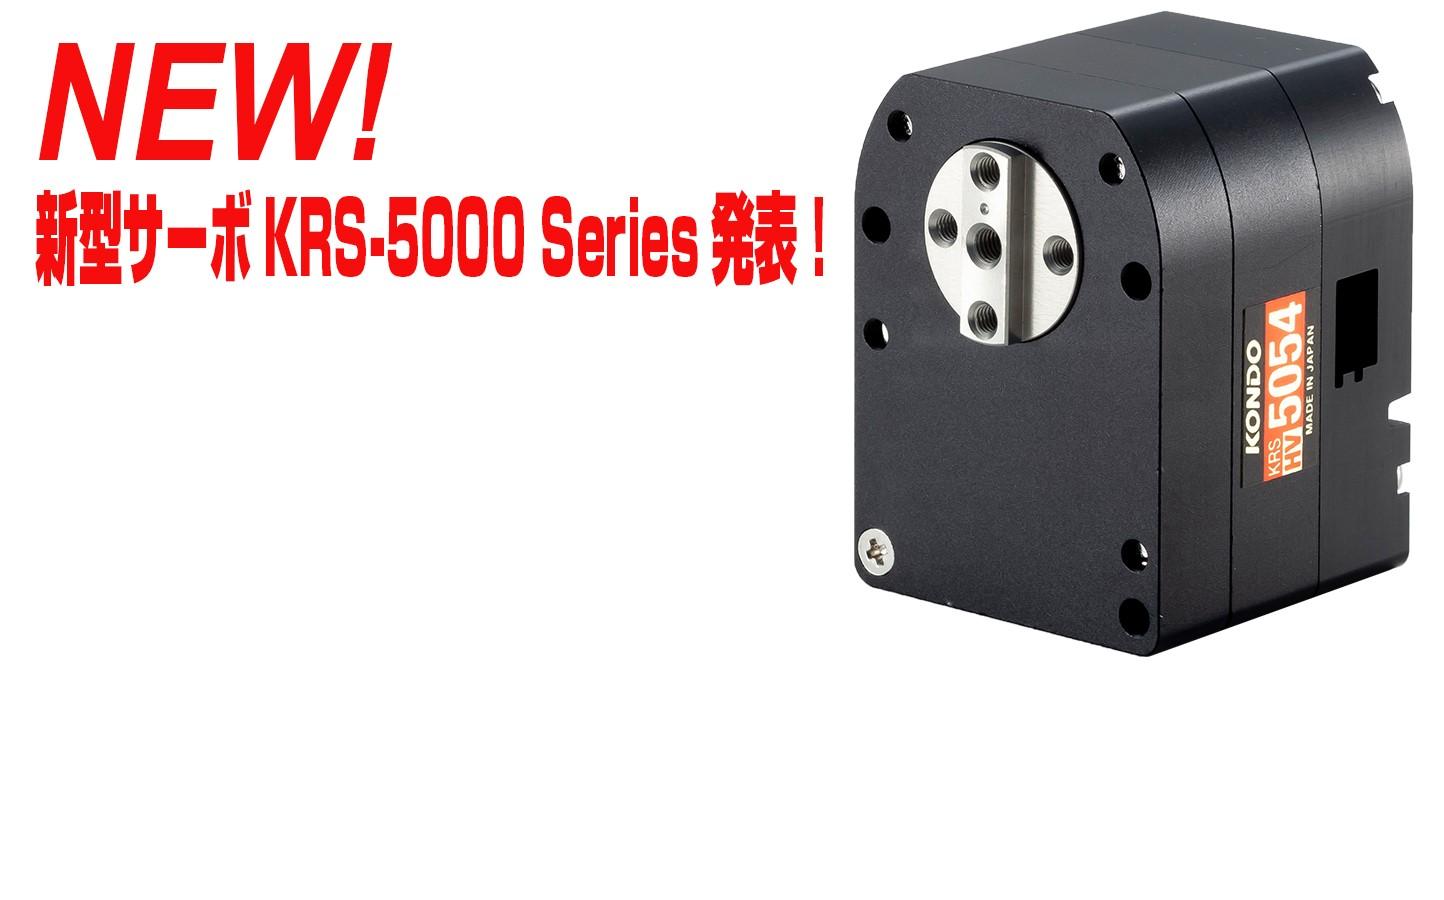 KRS-5000シリーズ 発売のお知らせ